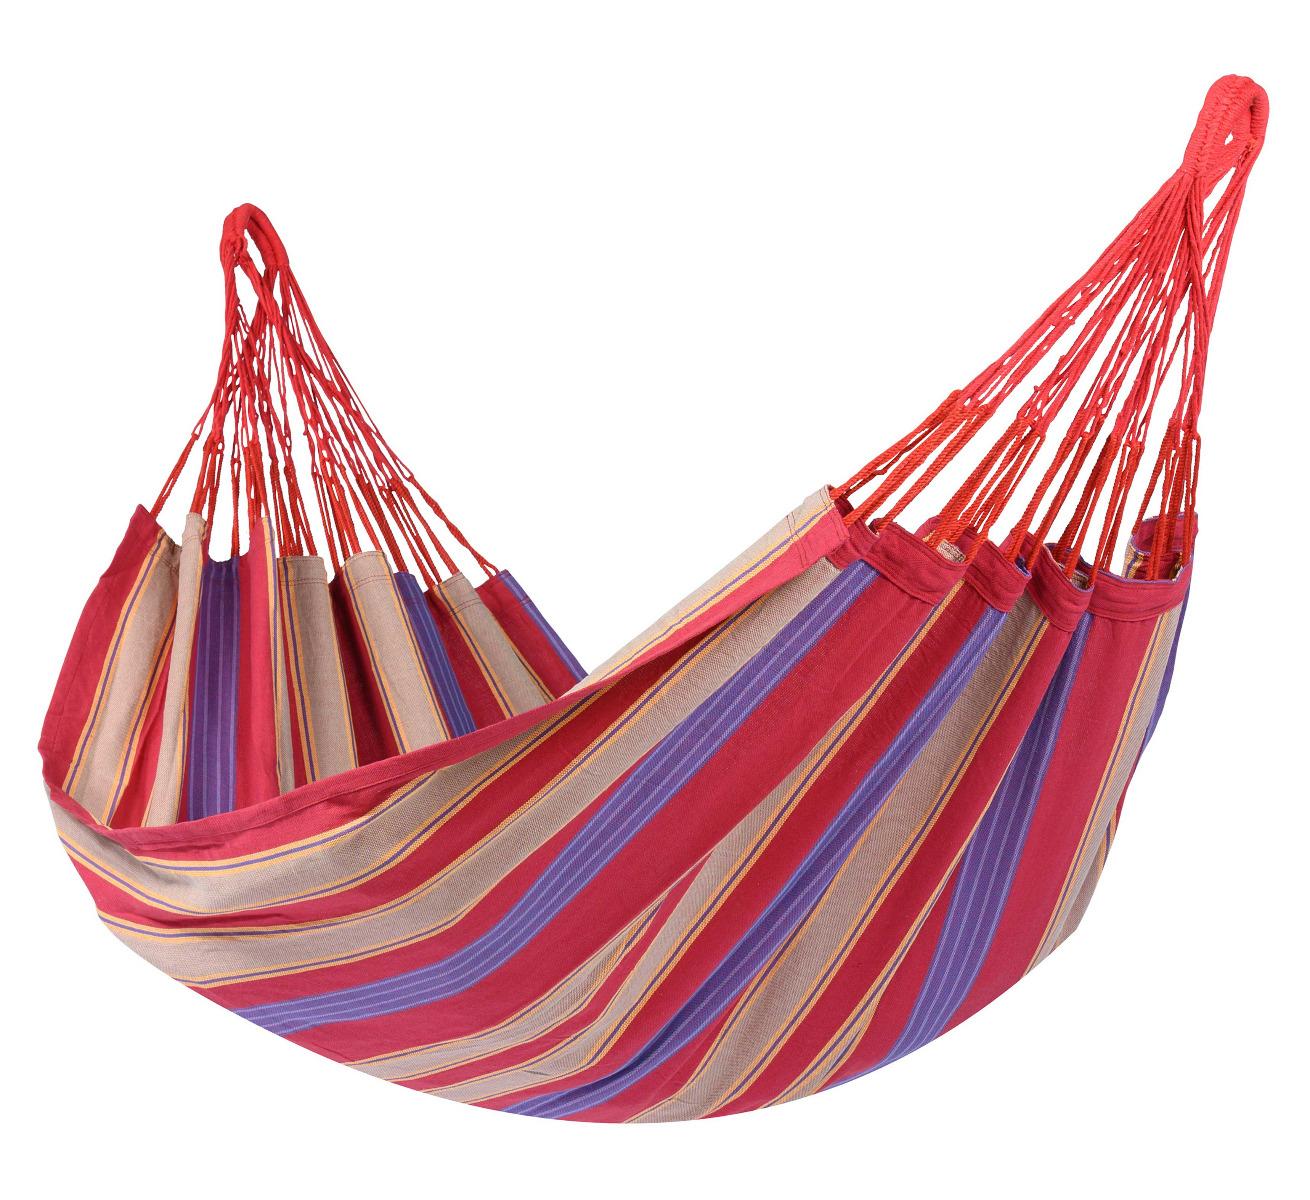 'Cuba' Cherry E�npersoons Hangmat - Veelkleurig - Tropilex �